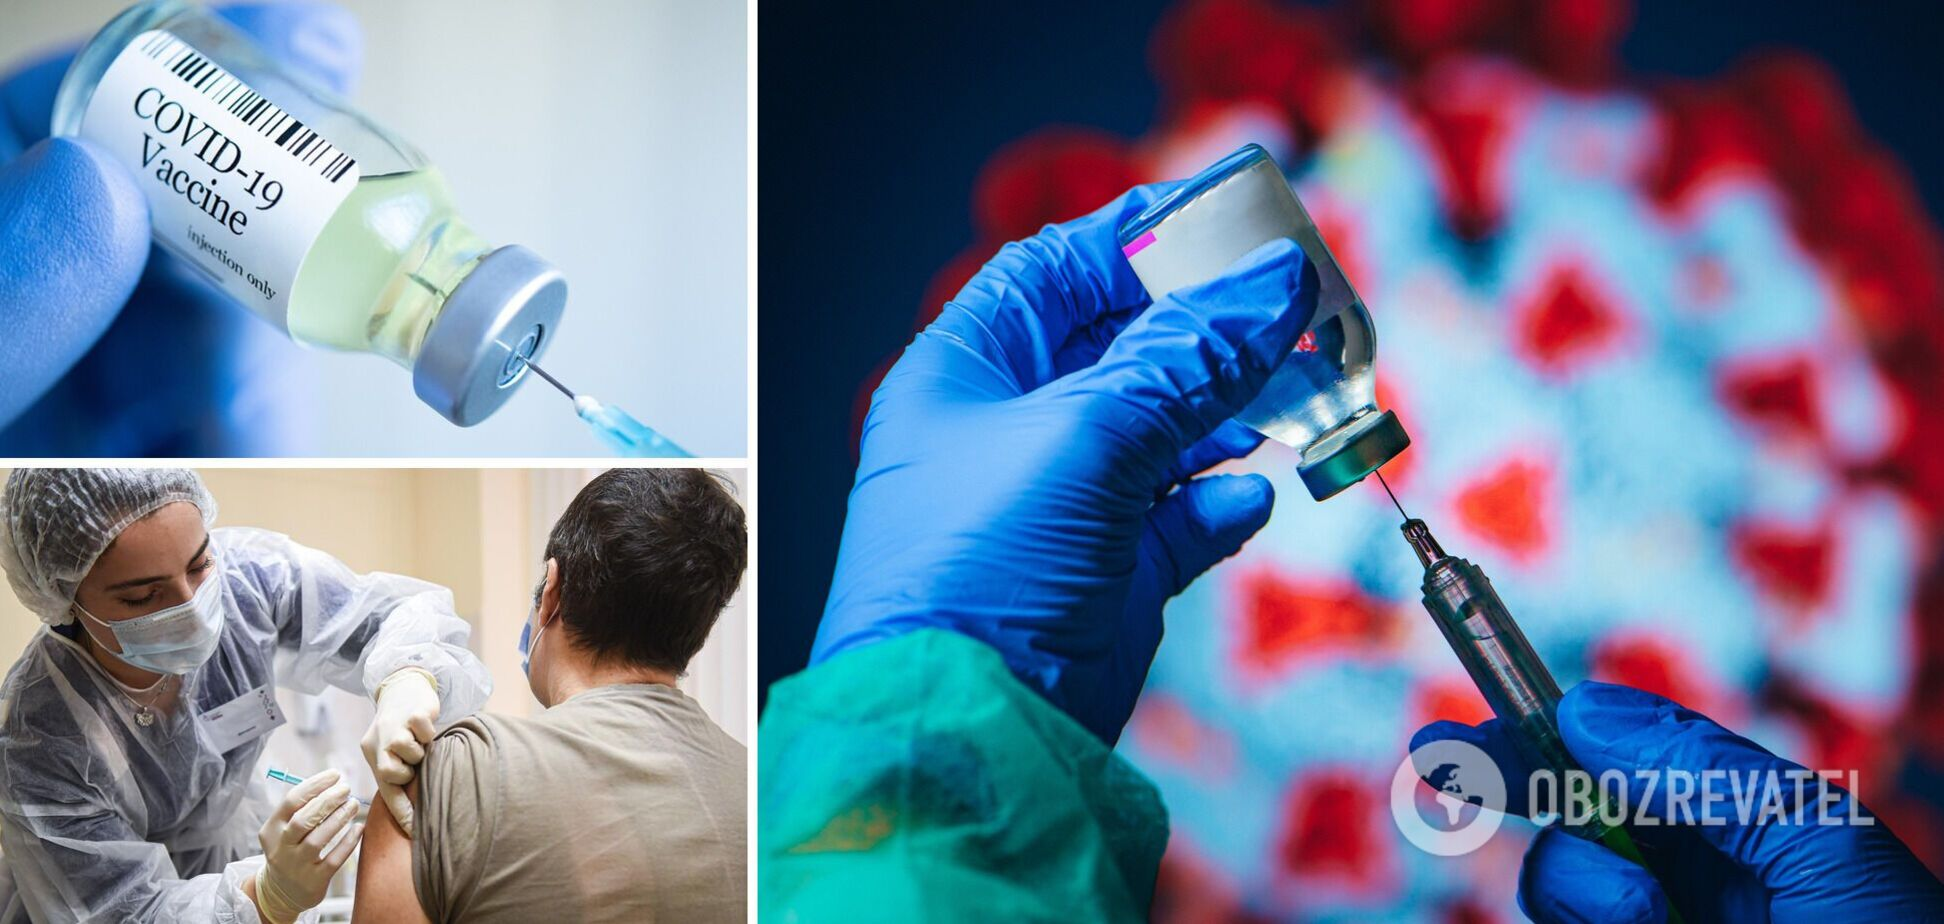 Украинцы зря боятся вакцин, их эффективность доказала история